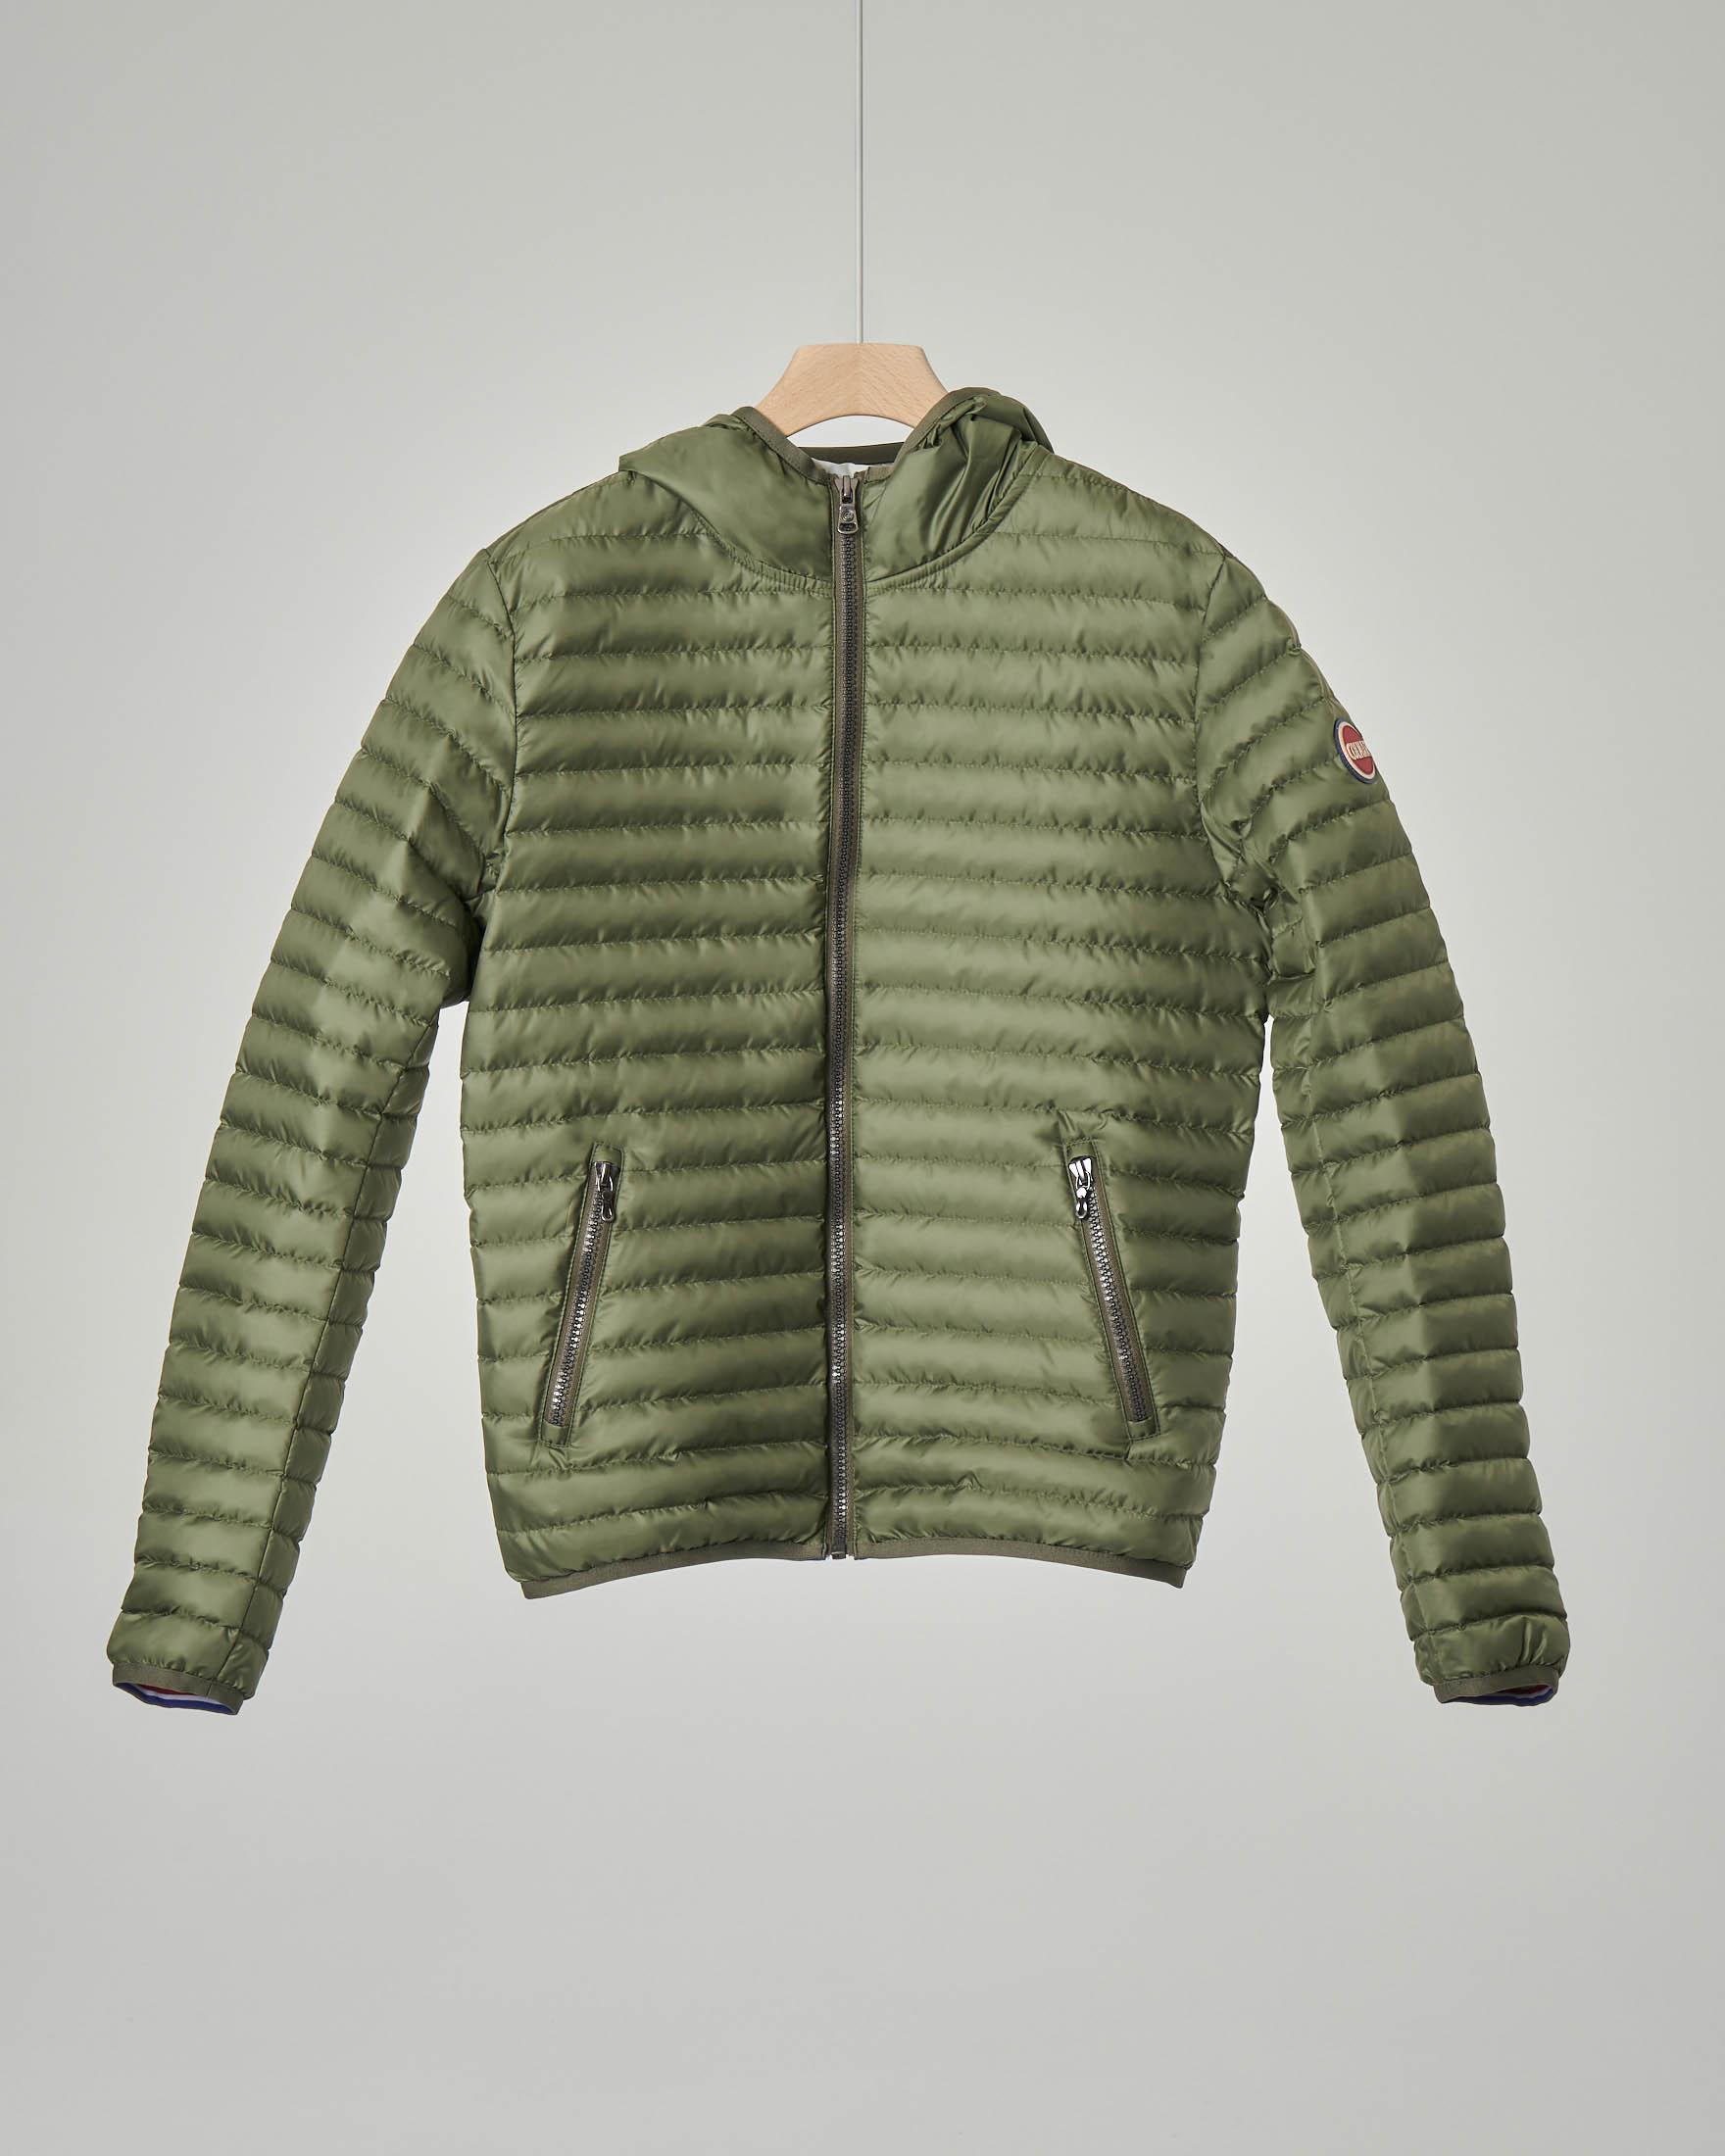 Piumino verde militare con cappuccio 10 anni